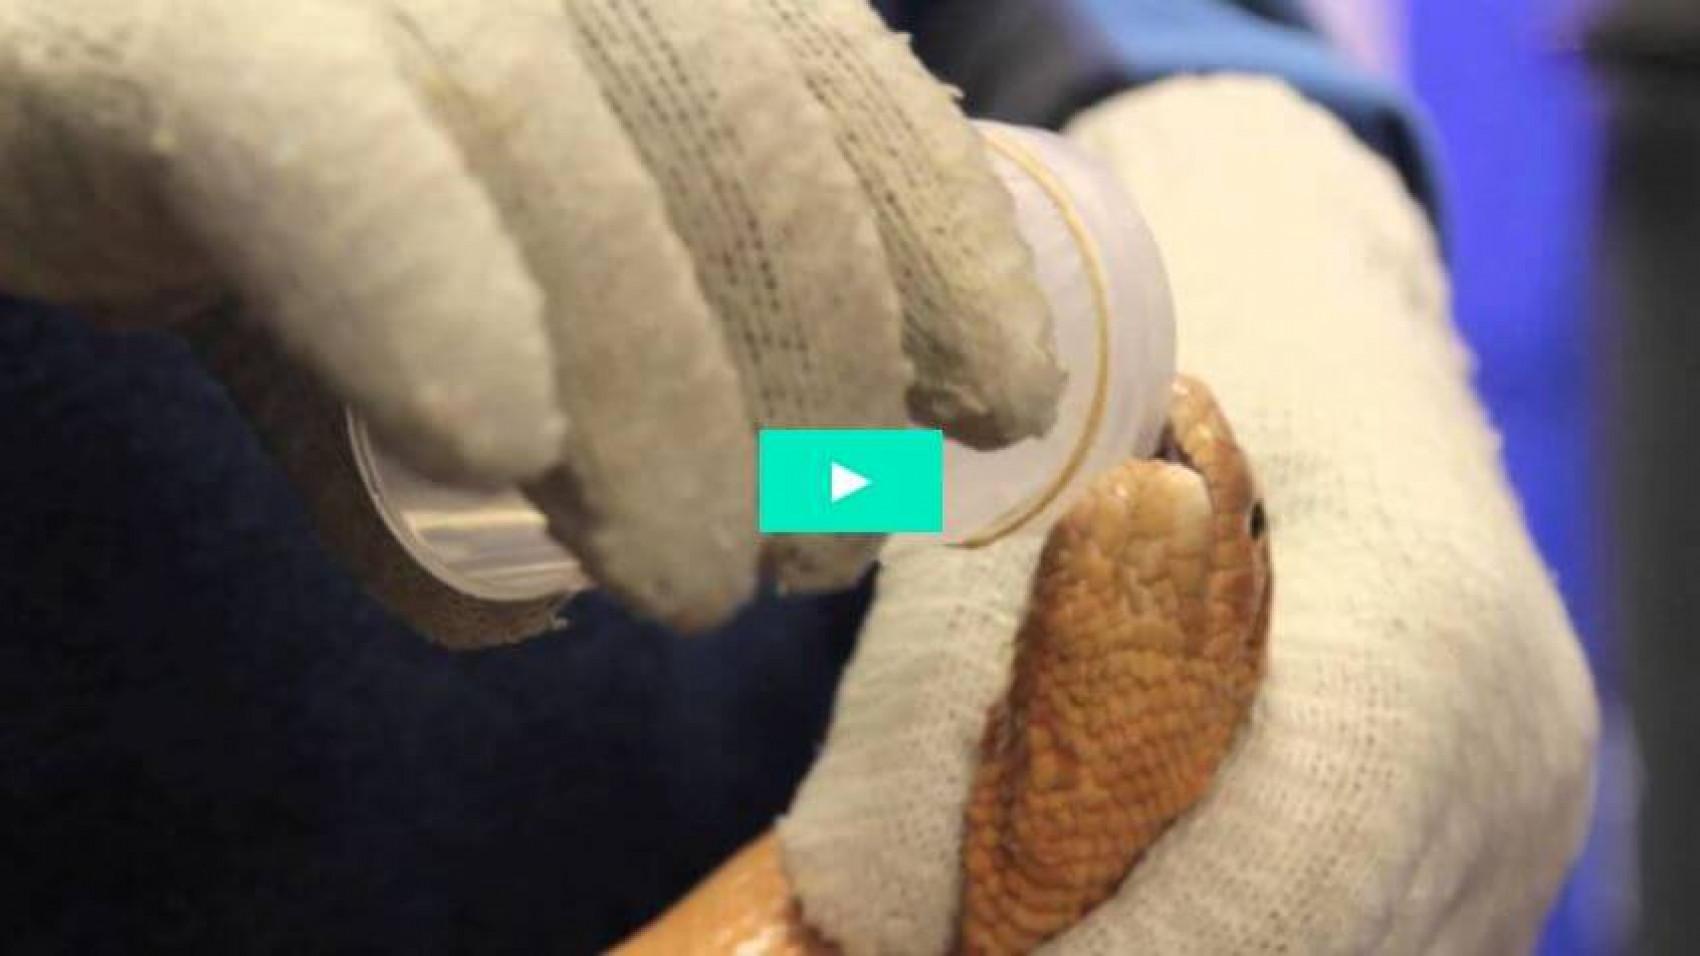 Tapning af giftige havslanger har båret frugt